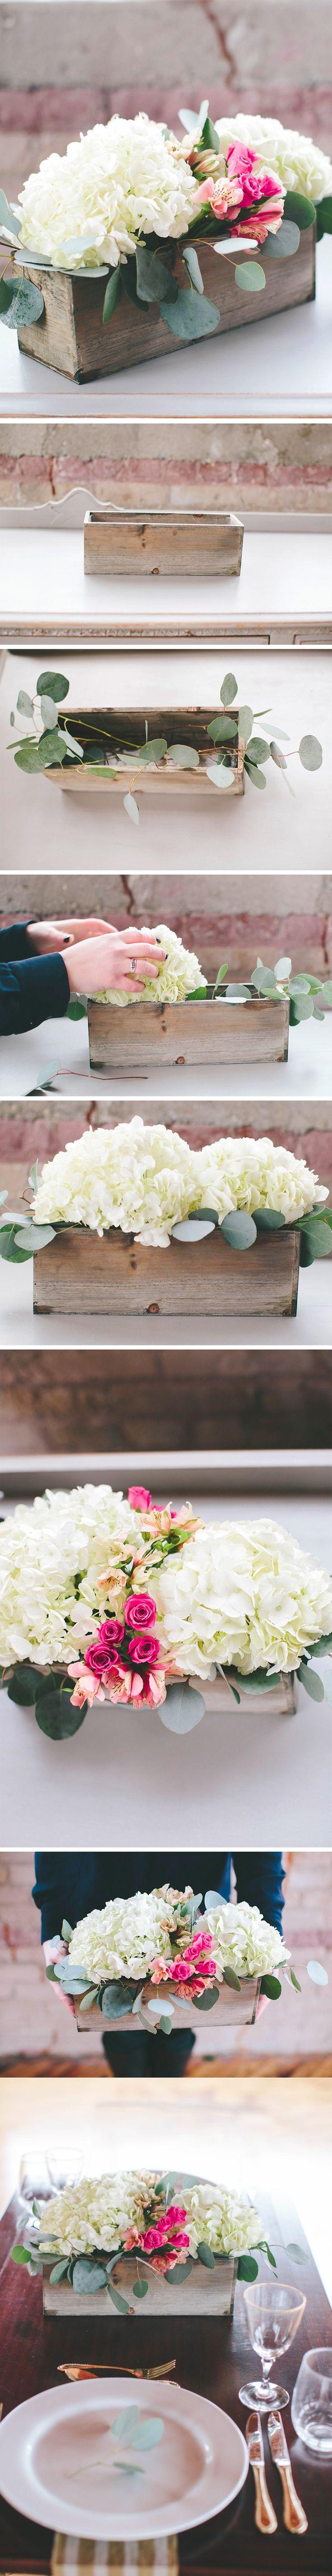 DIY: Centros de mesa con hortensias naturales / http://apracticalwedding.com/